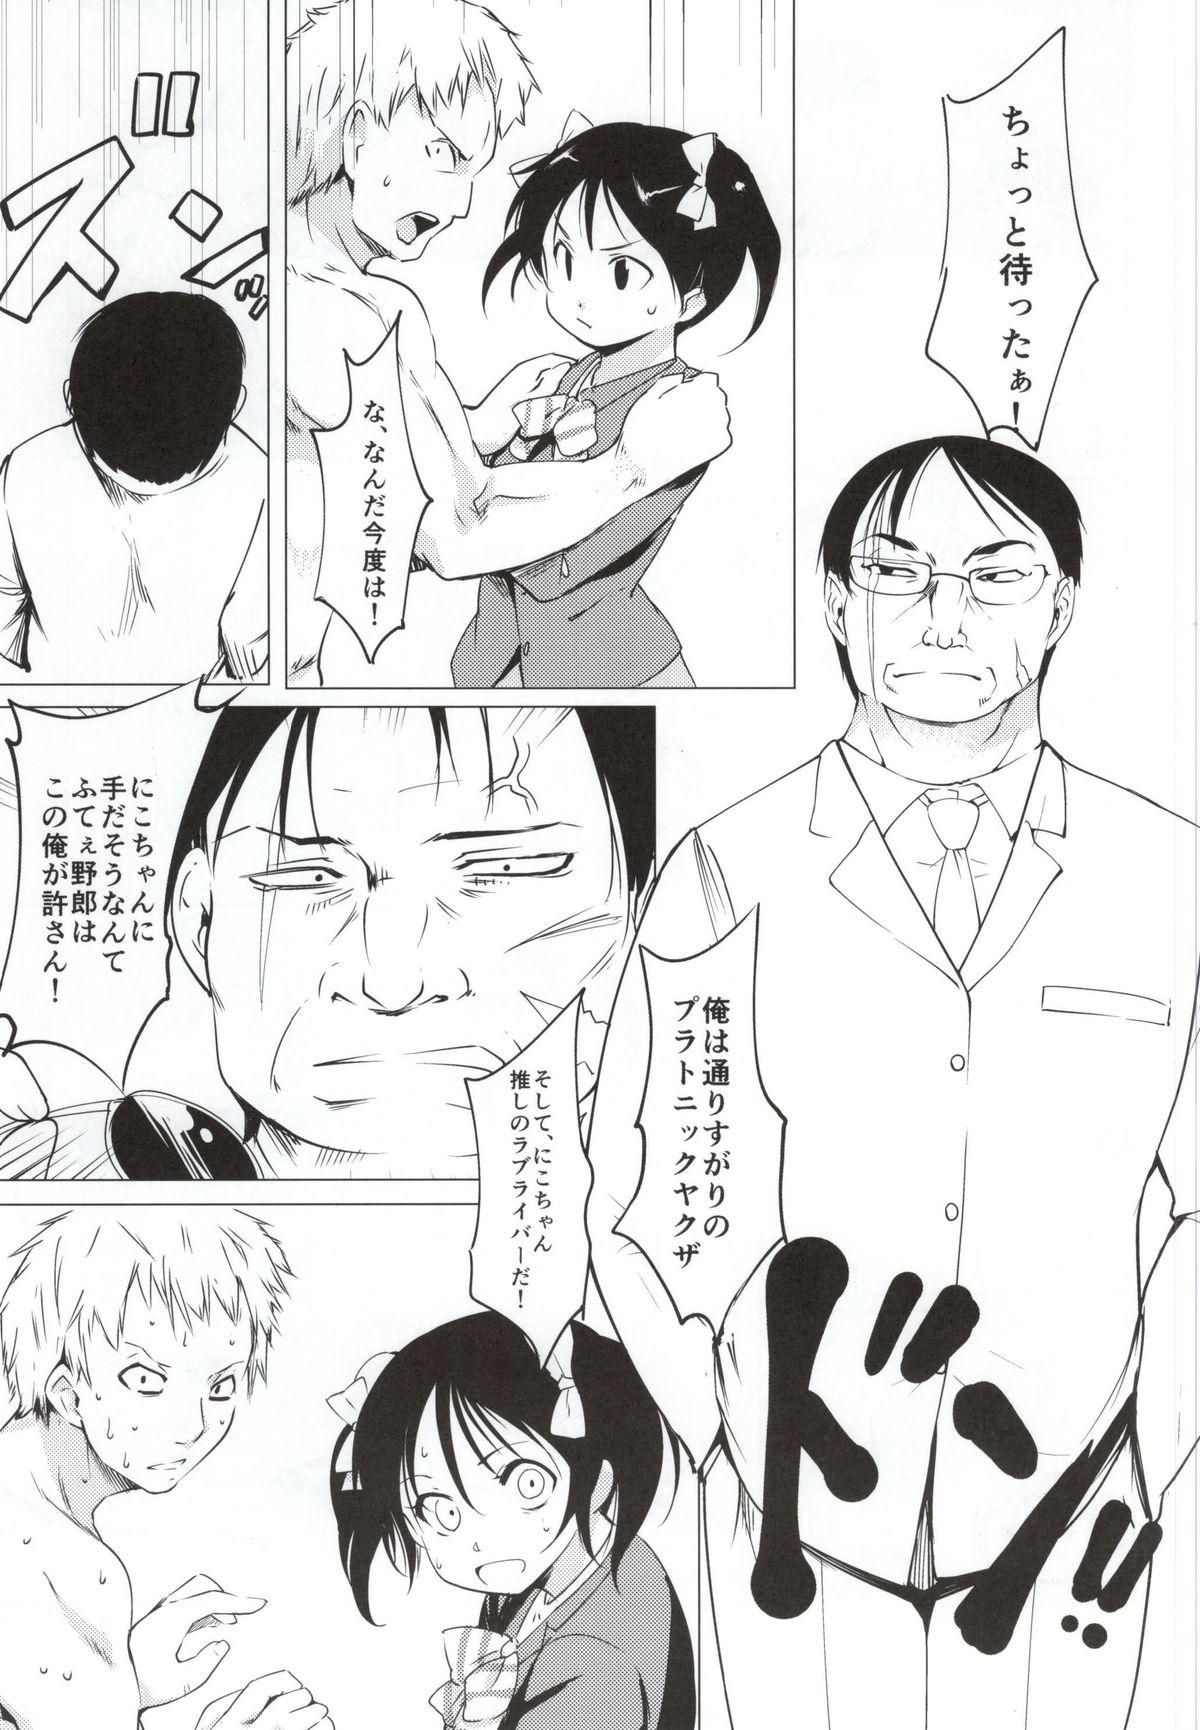 Kotori-chan to Hotel 19